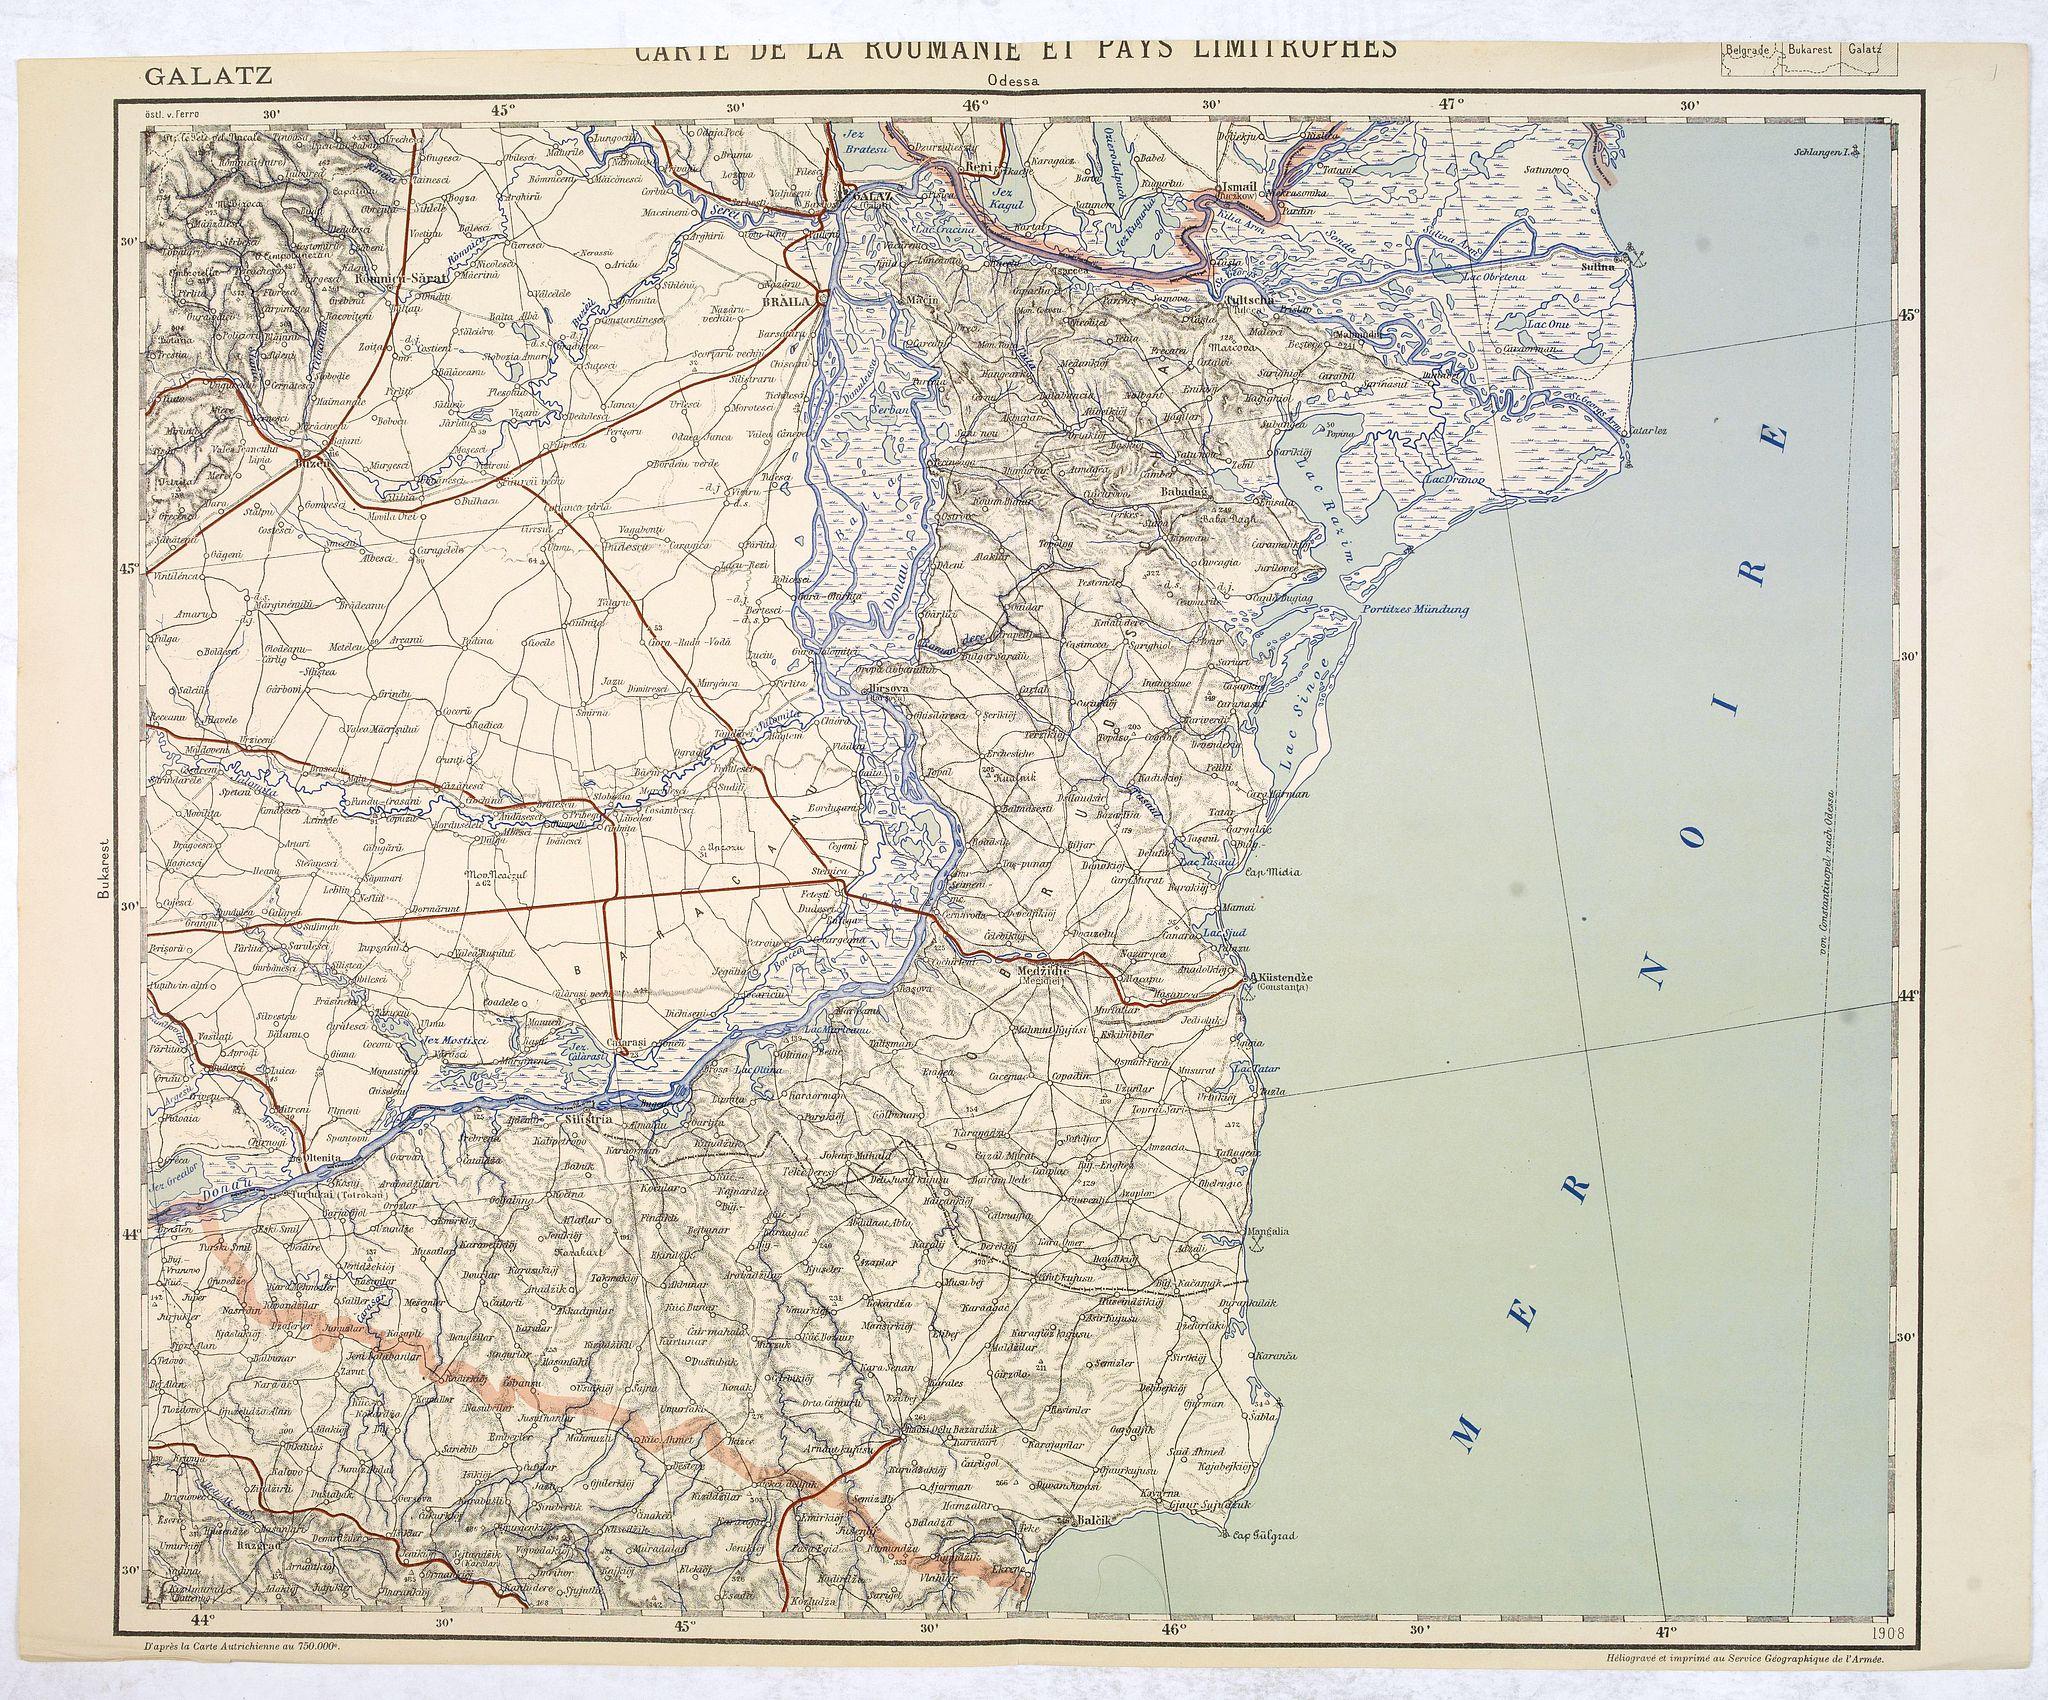 SERVICE GEOGRAPHIQUE DE L'ARMEE. -  Carte de la Roumanie et Pays limitrophes. Odessa. GALATZ.